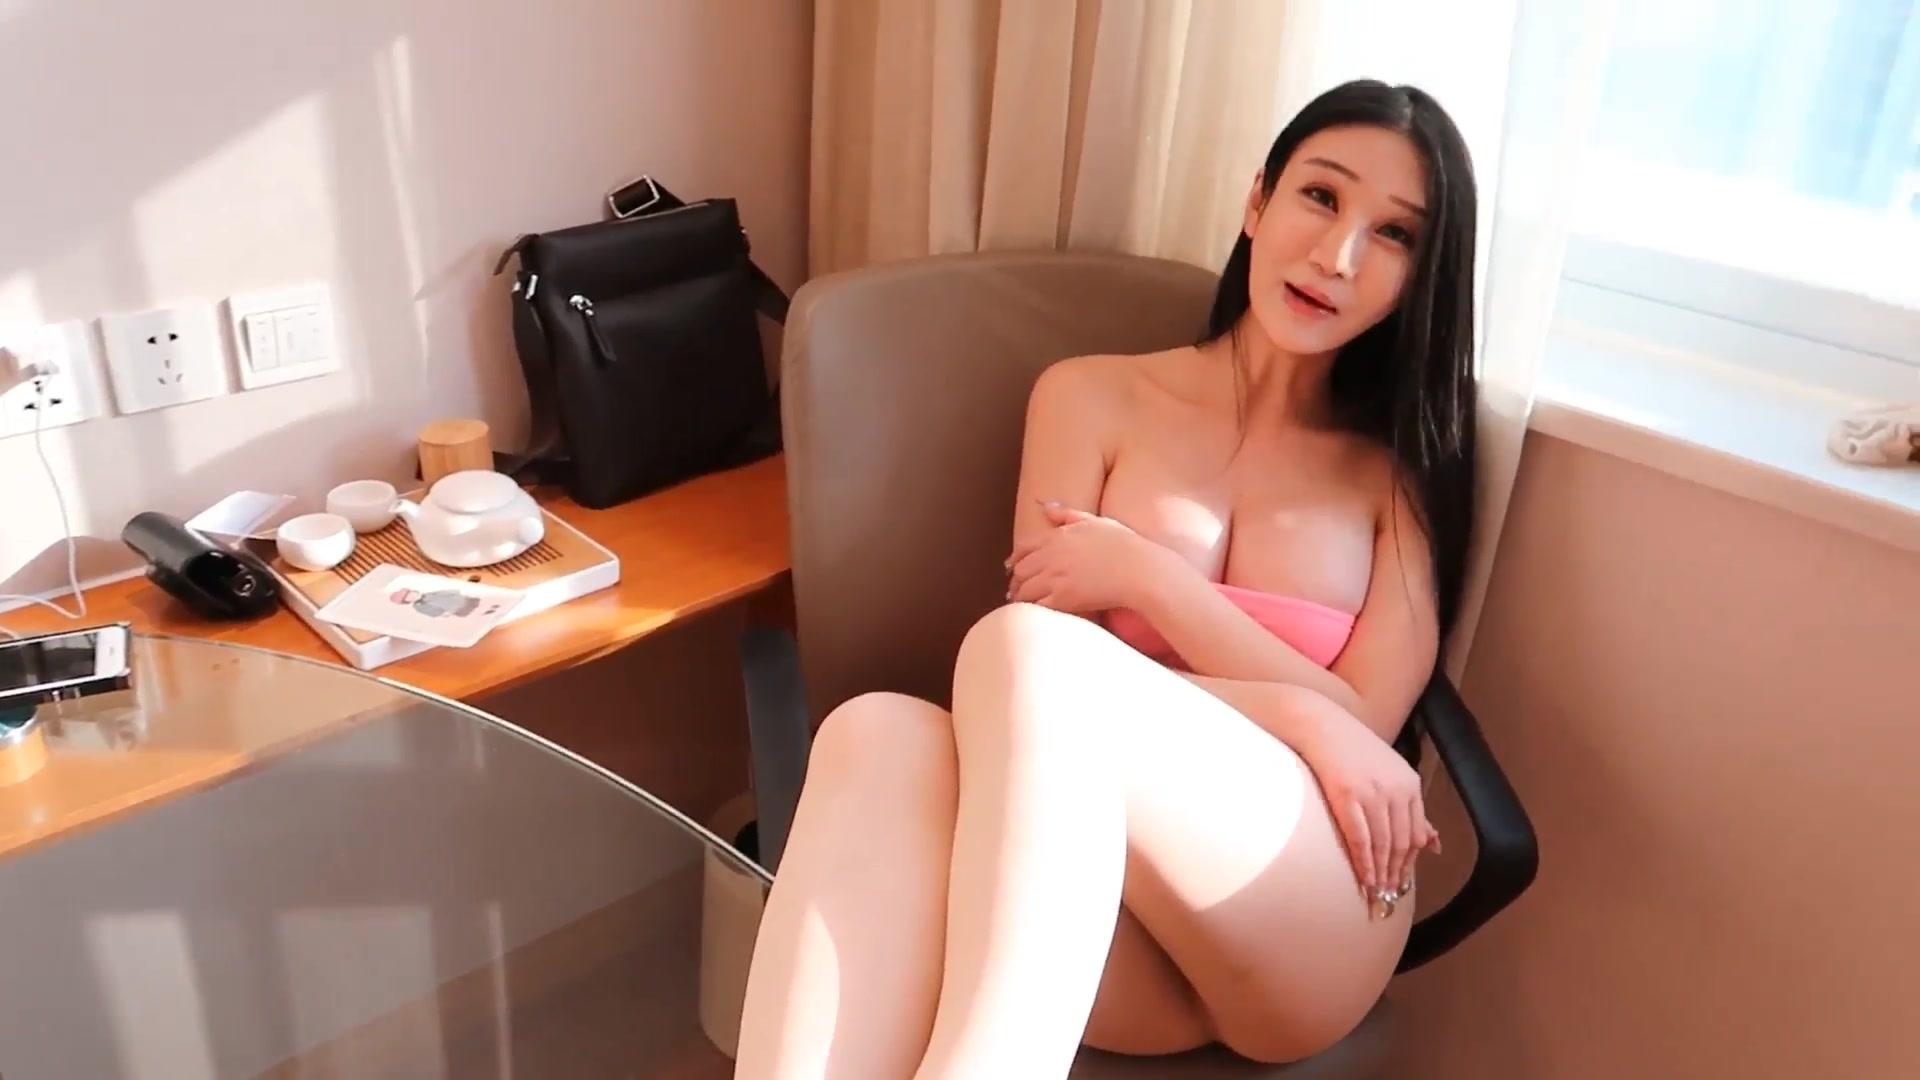 流鼻血推荐学院私拍香港G奶影视模特李宓儿性感透视丝袜酒店私拍诱惑